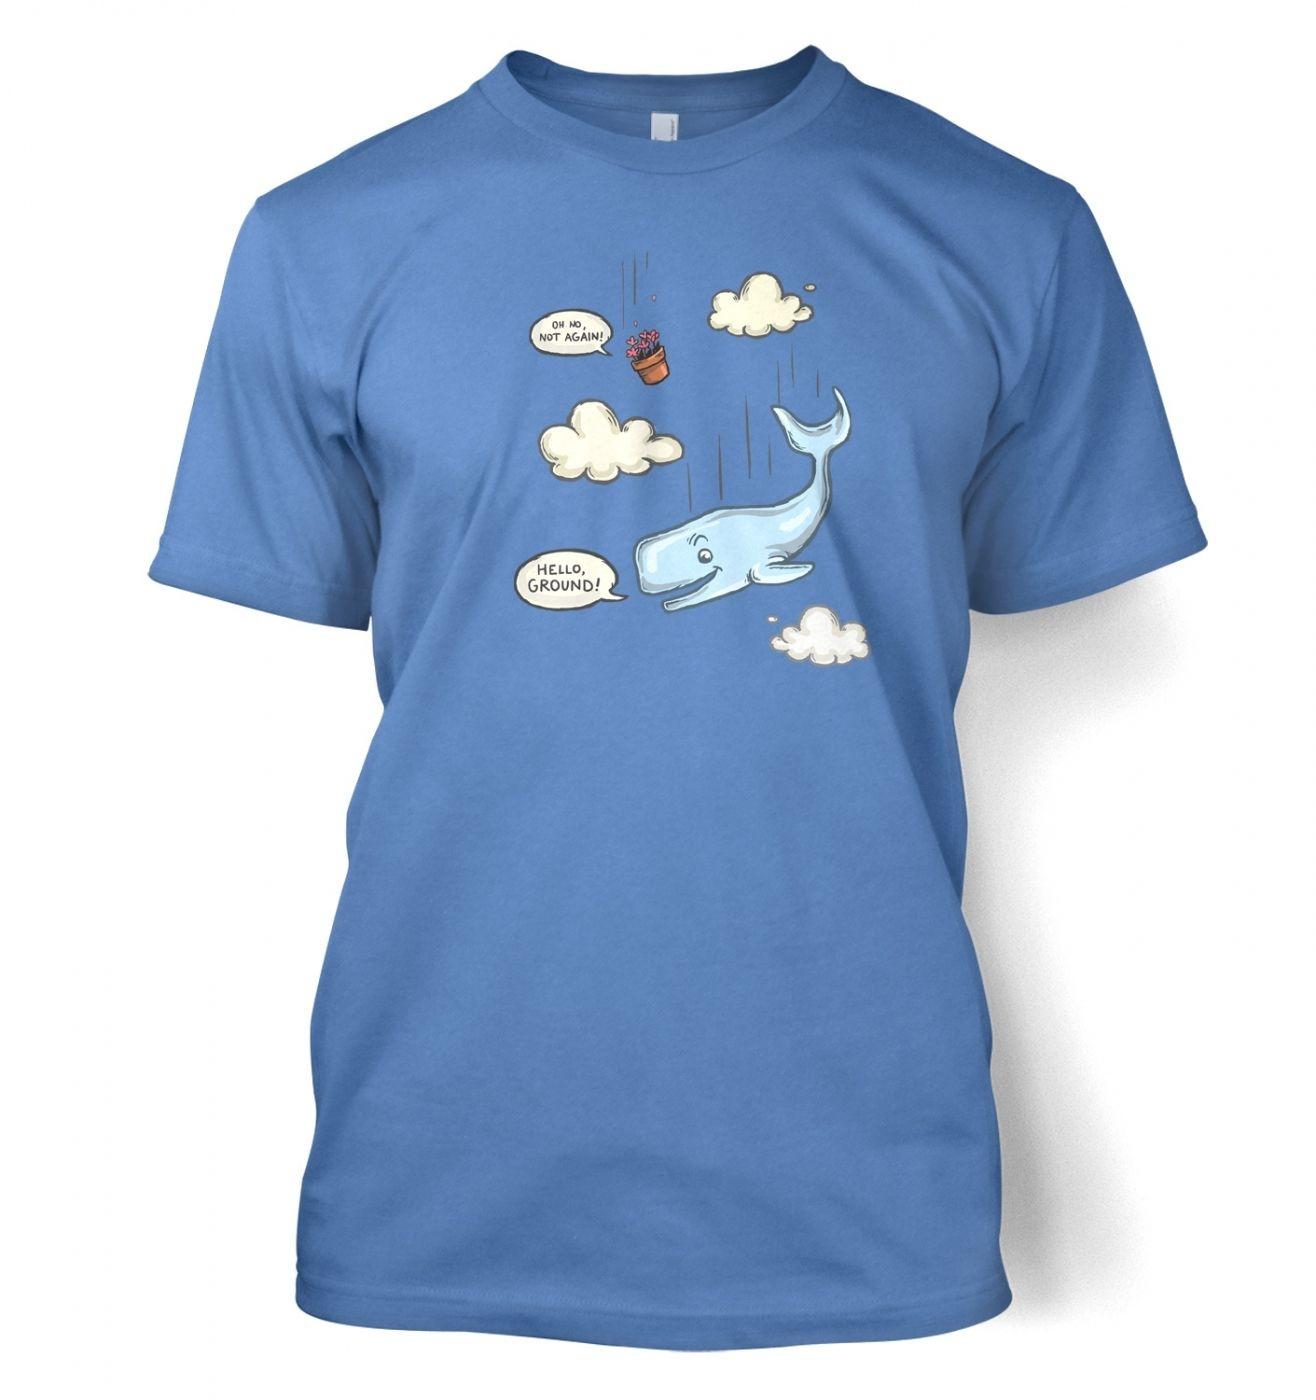 Falling Whale men's t-shirt